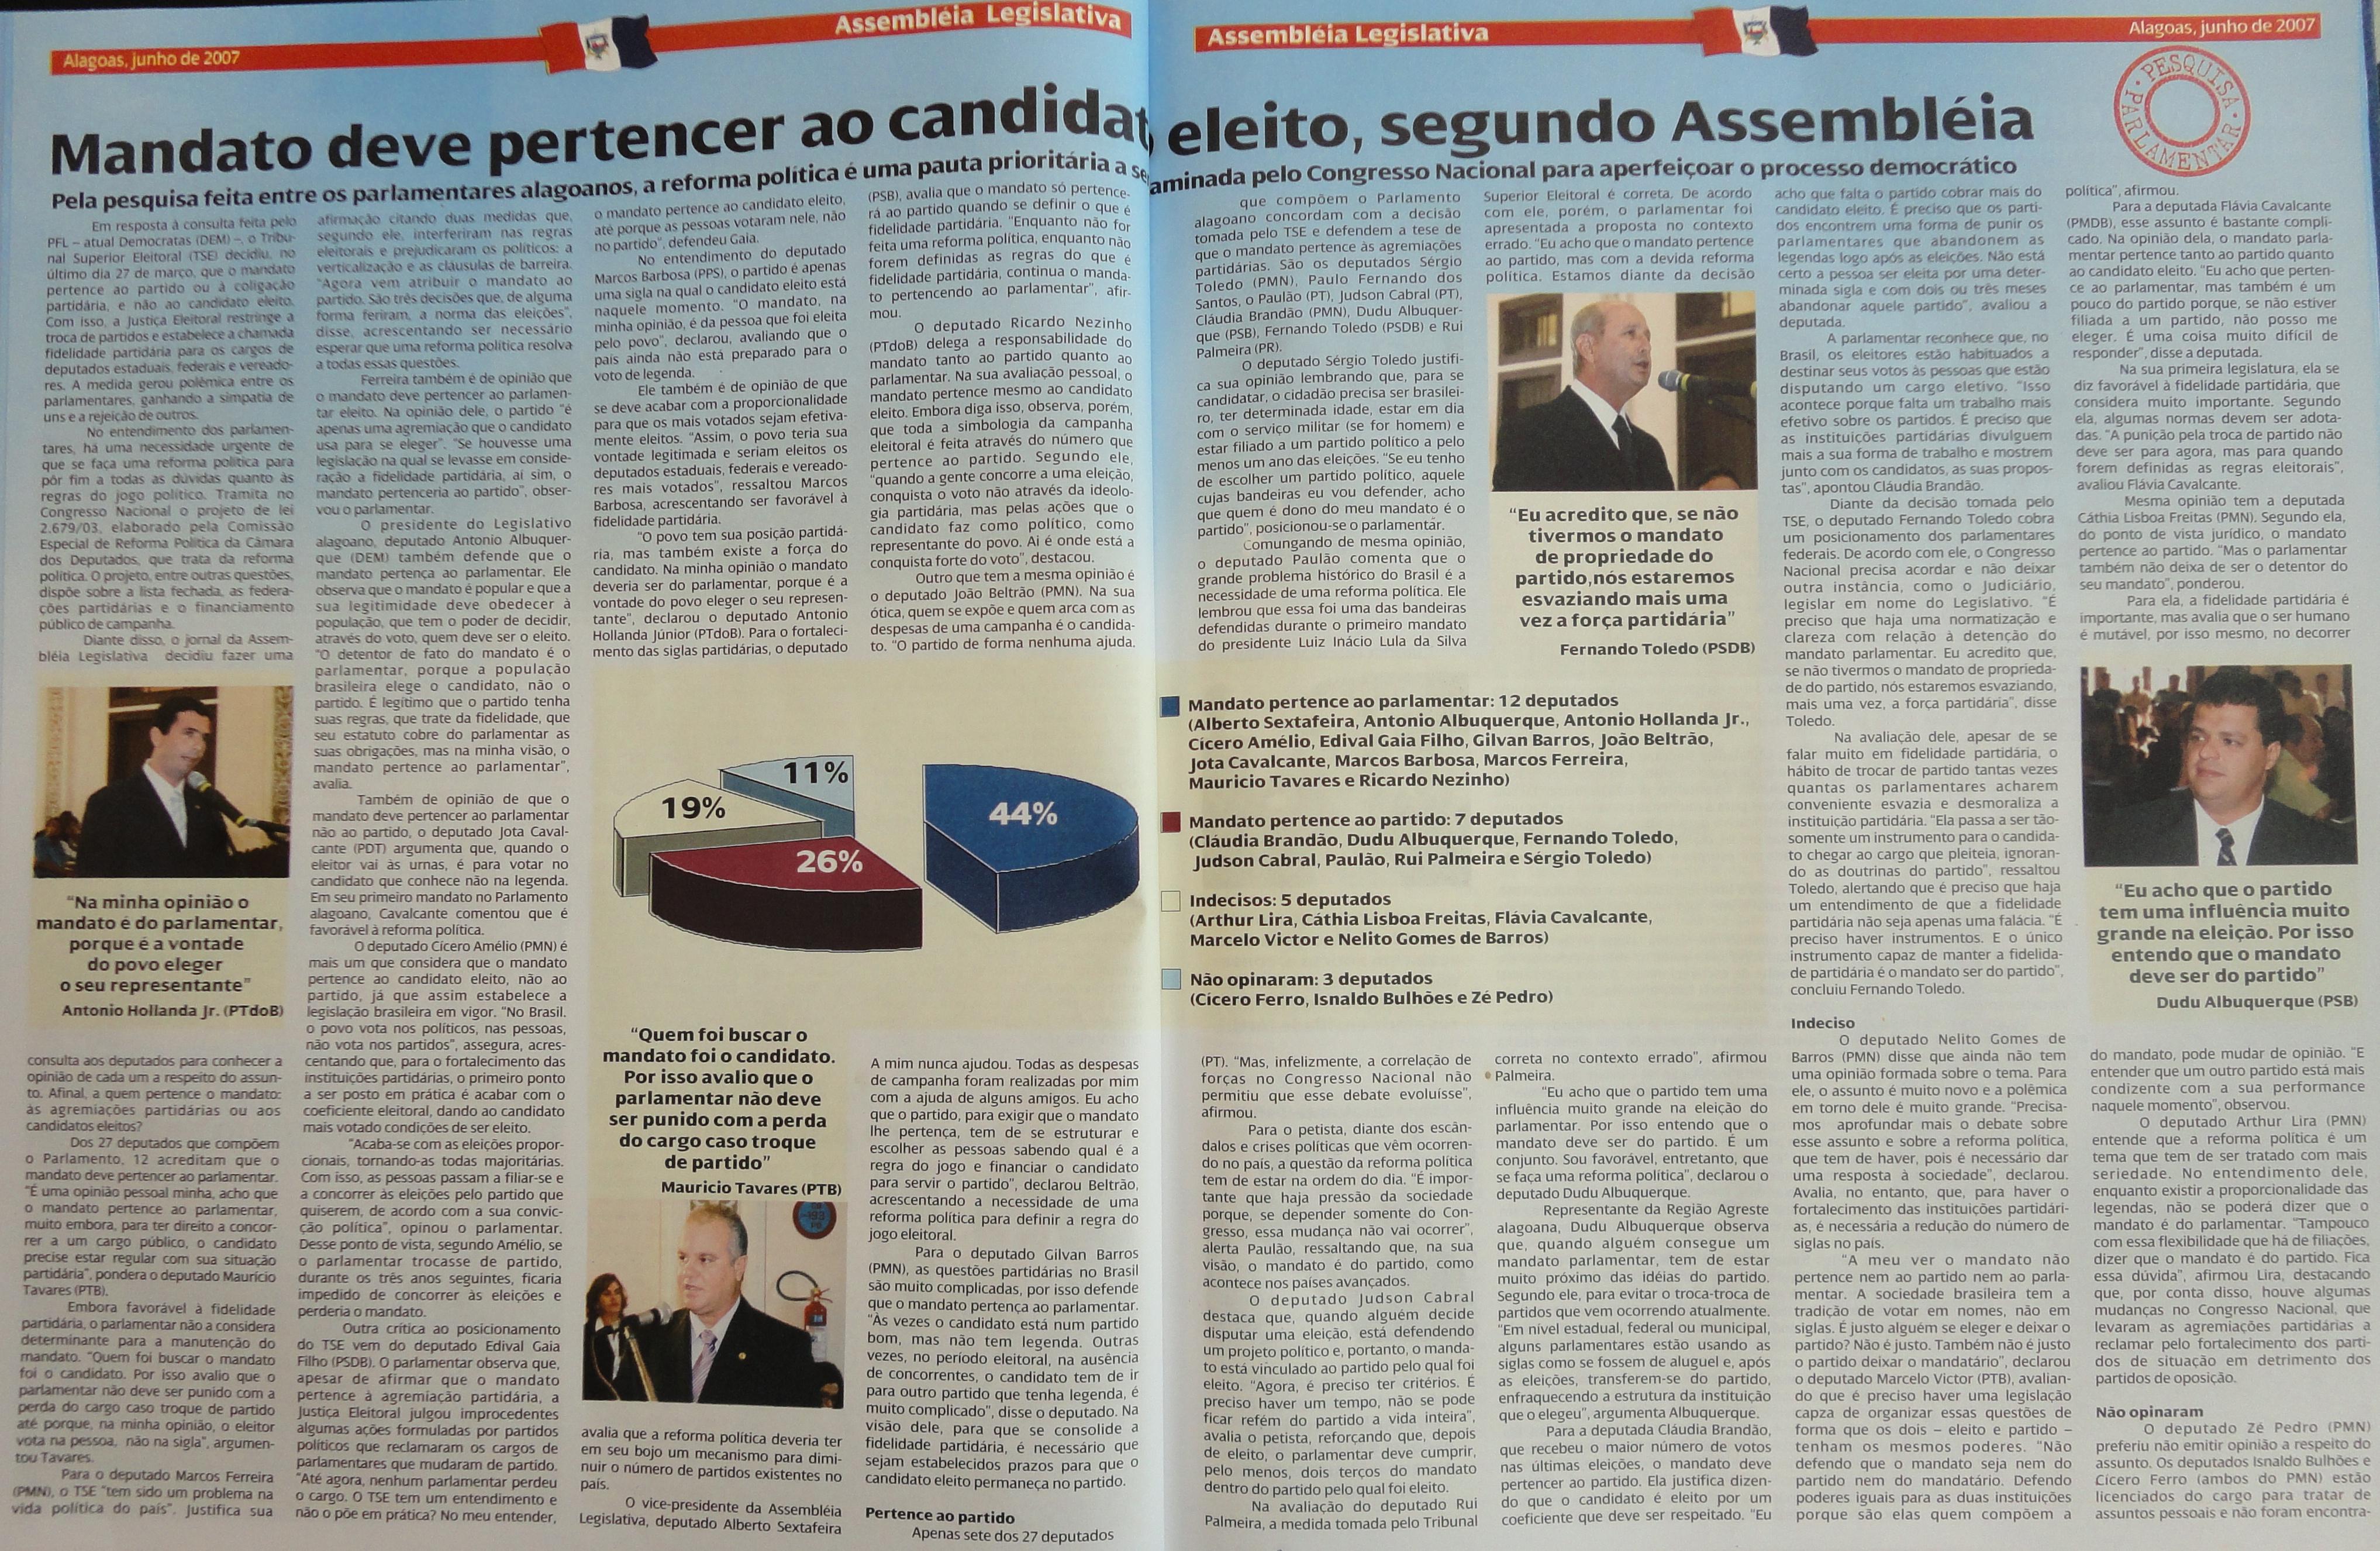 Coleção do Jornal da Assembleia 06-2007-1